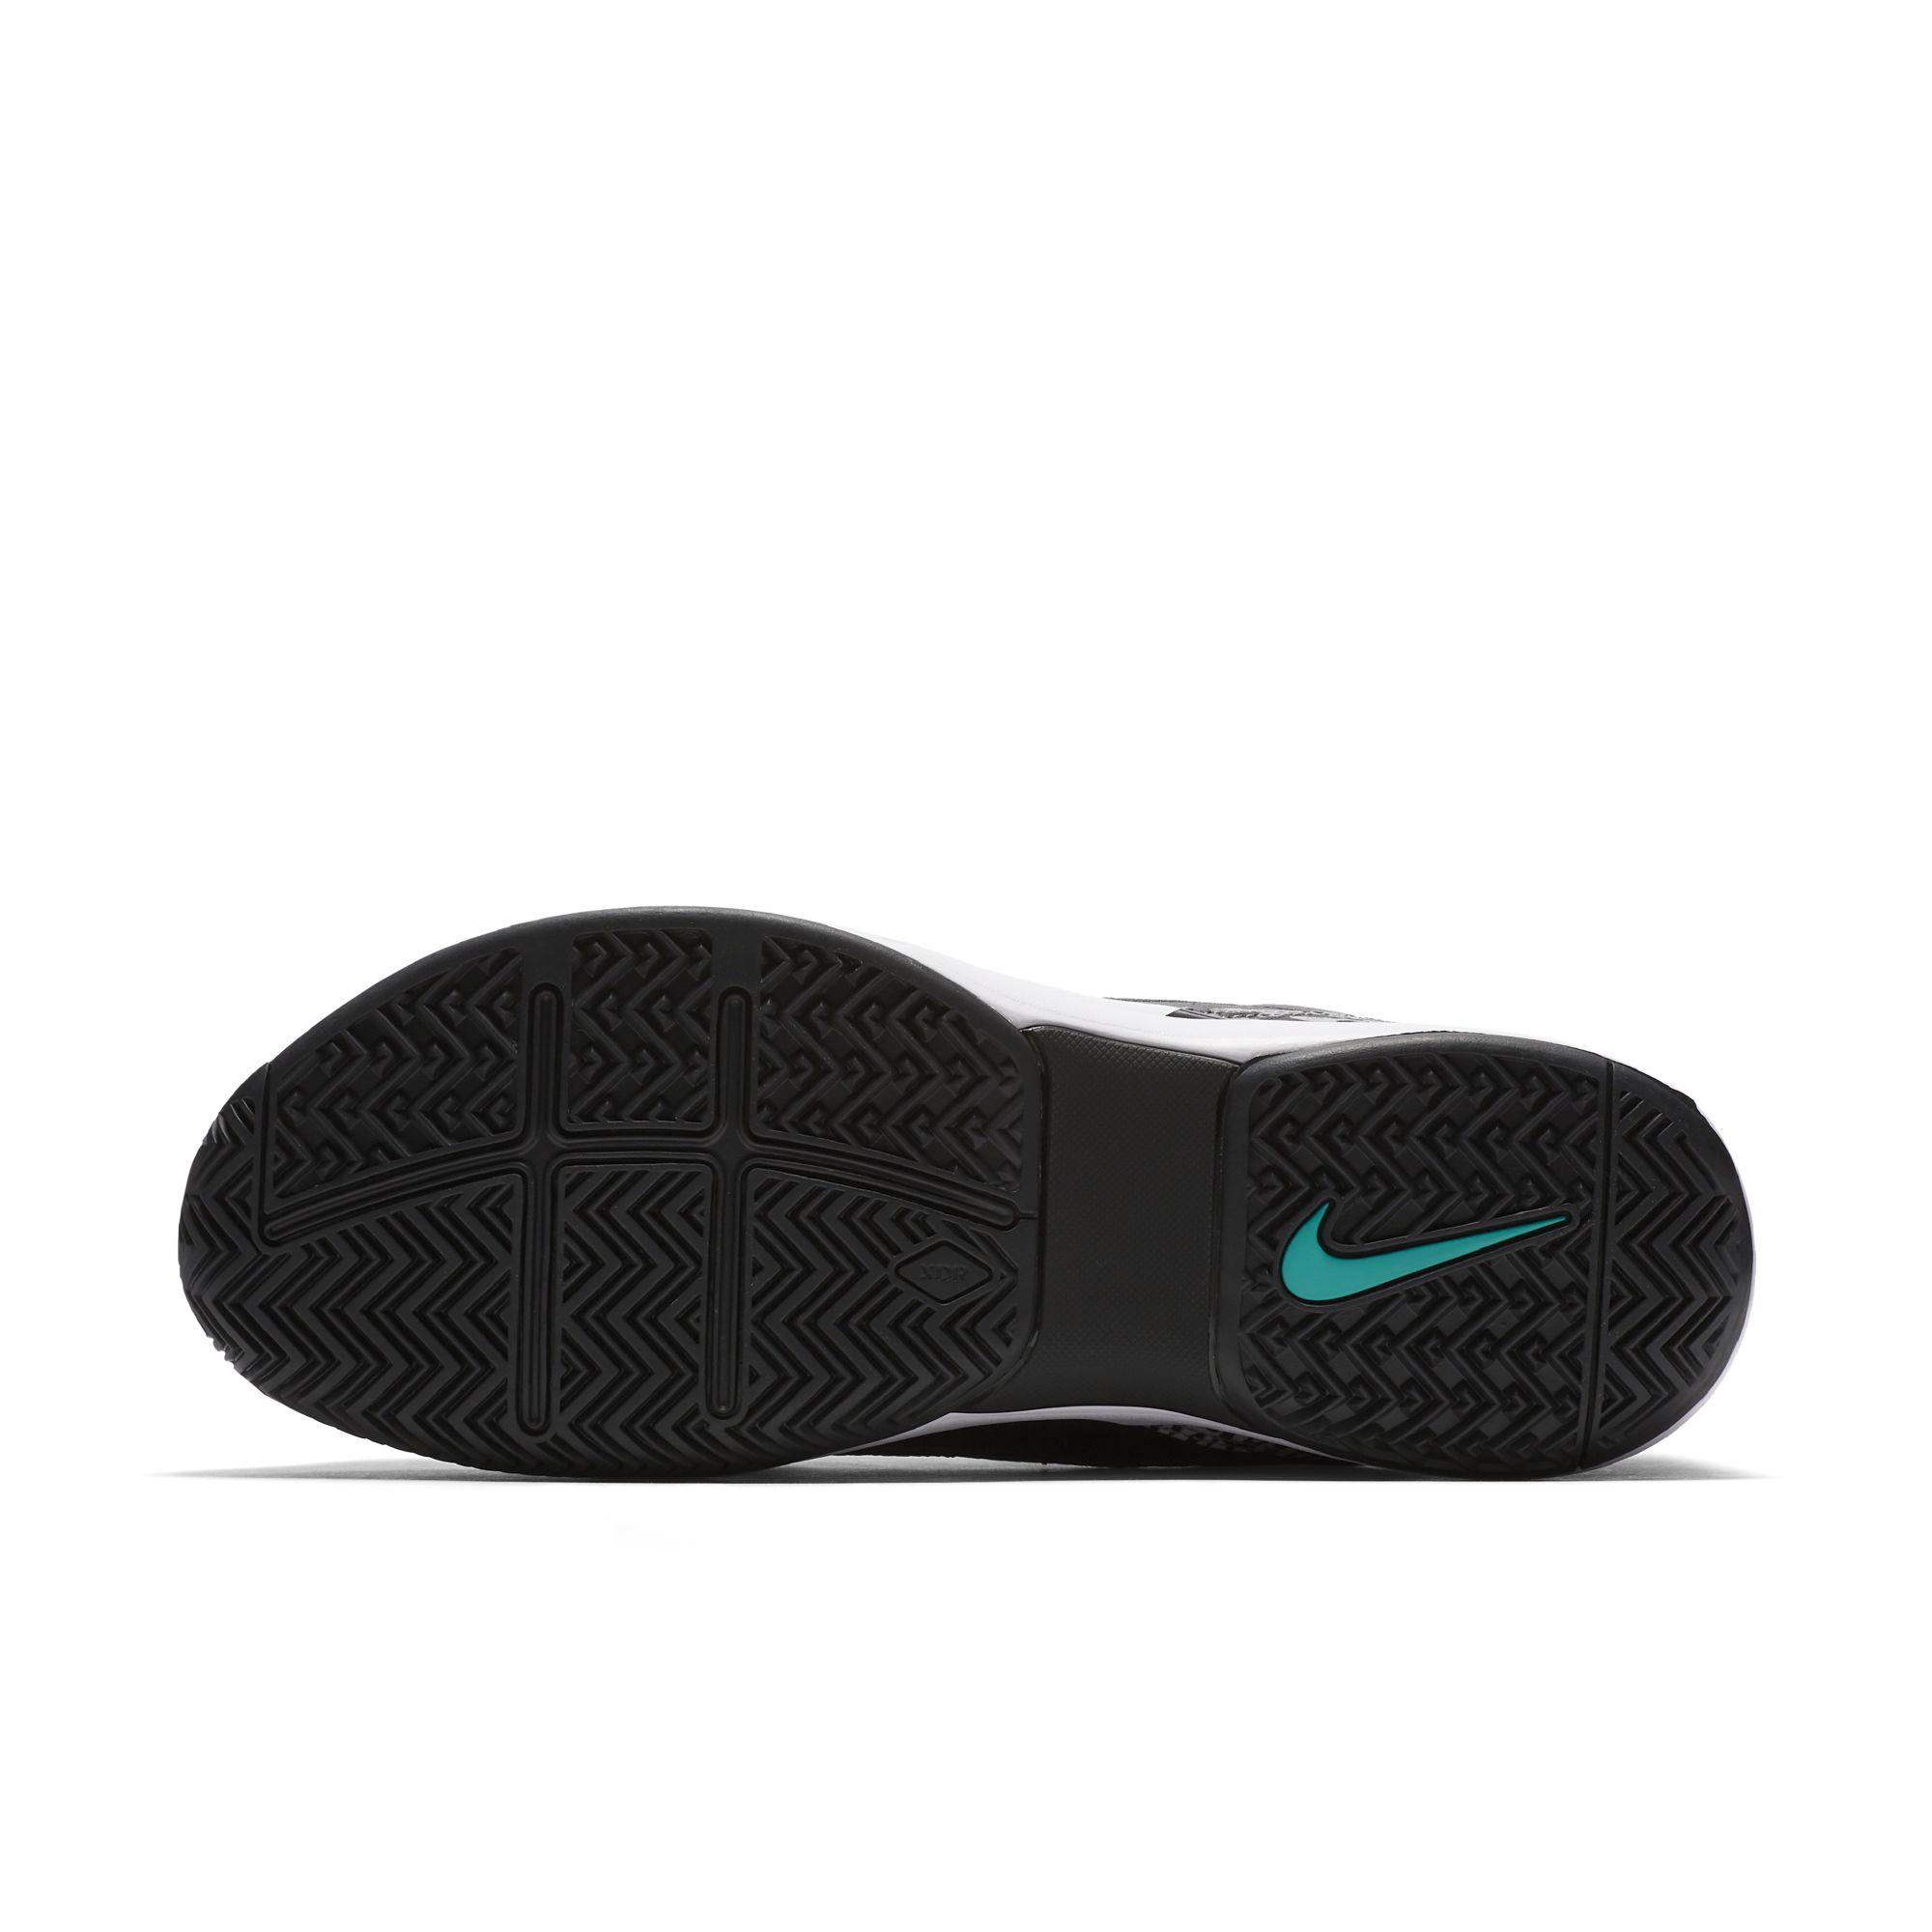 NikeCourt Zoom Vapor AJ3 roger federer 6